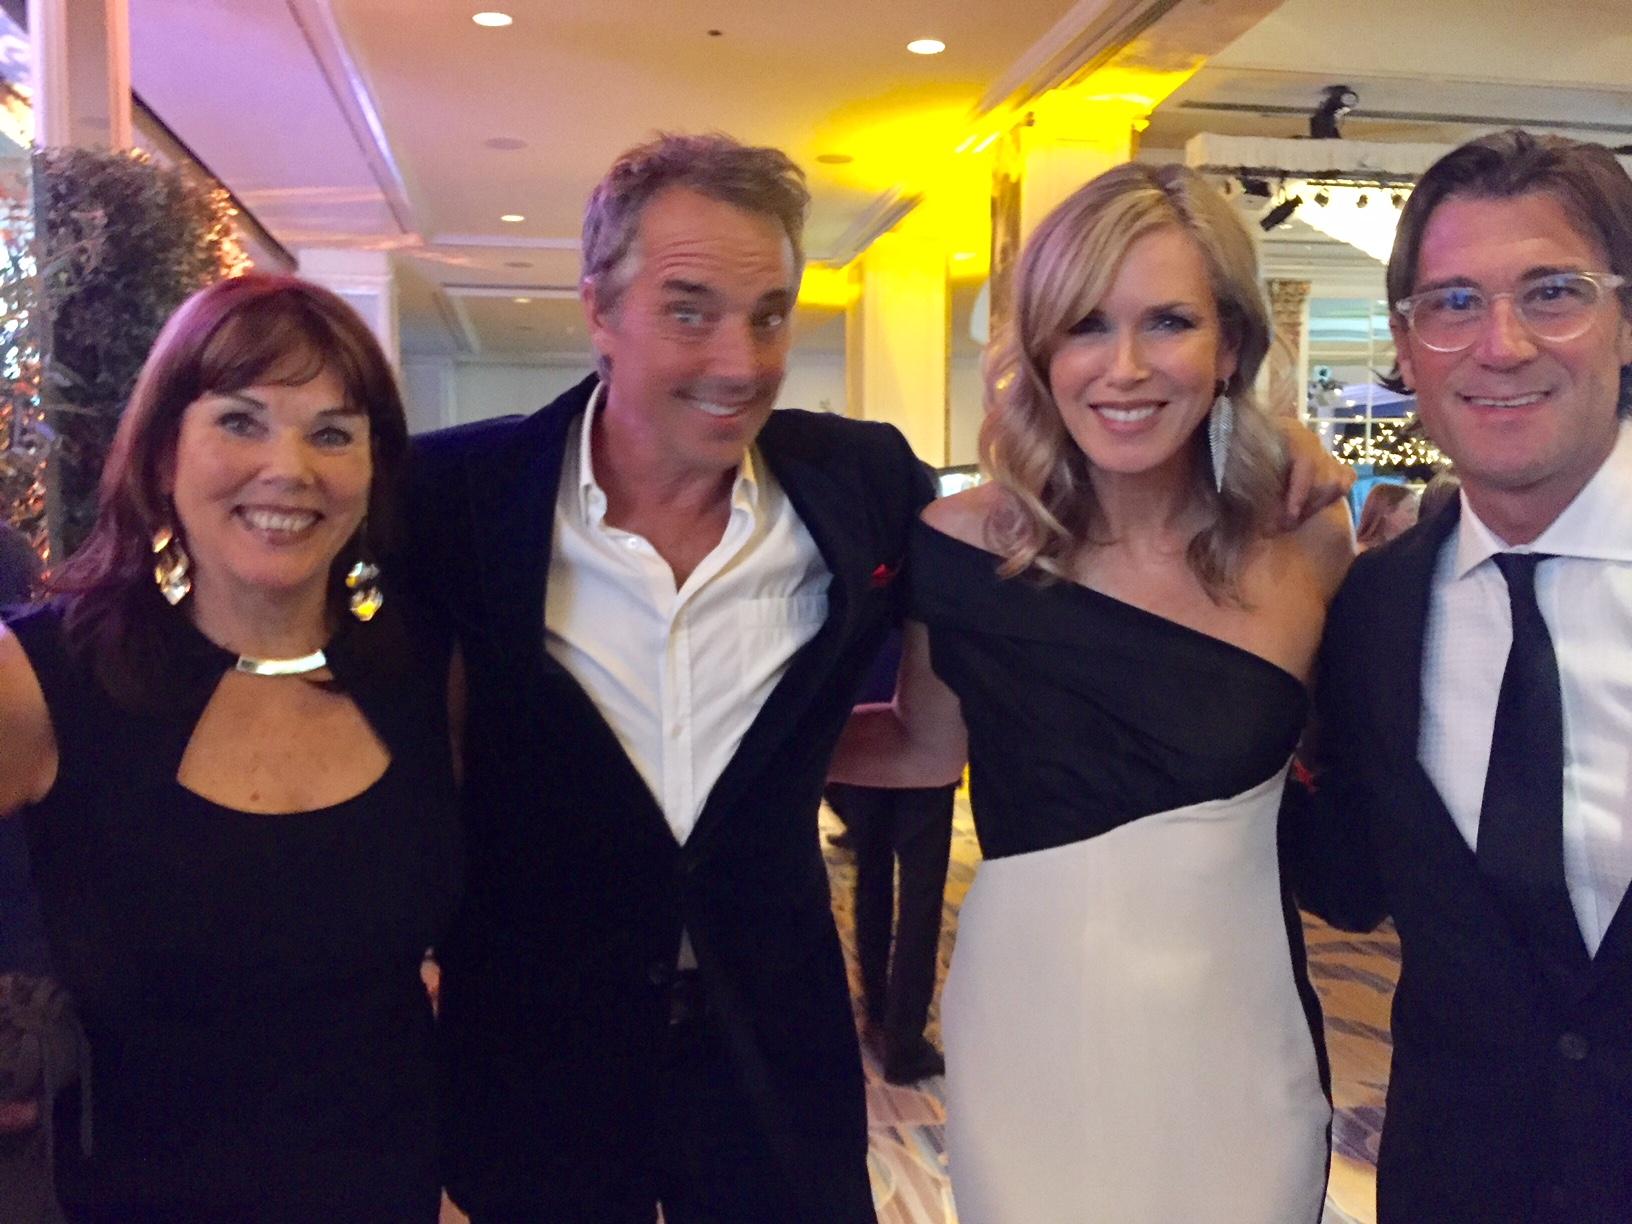 Dan Beuttner, Kathy Freston, Rich Roll